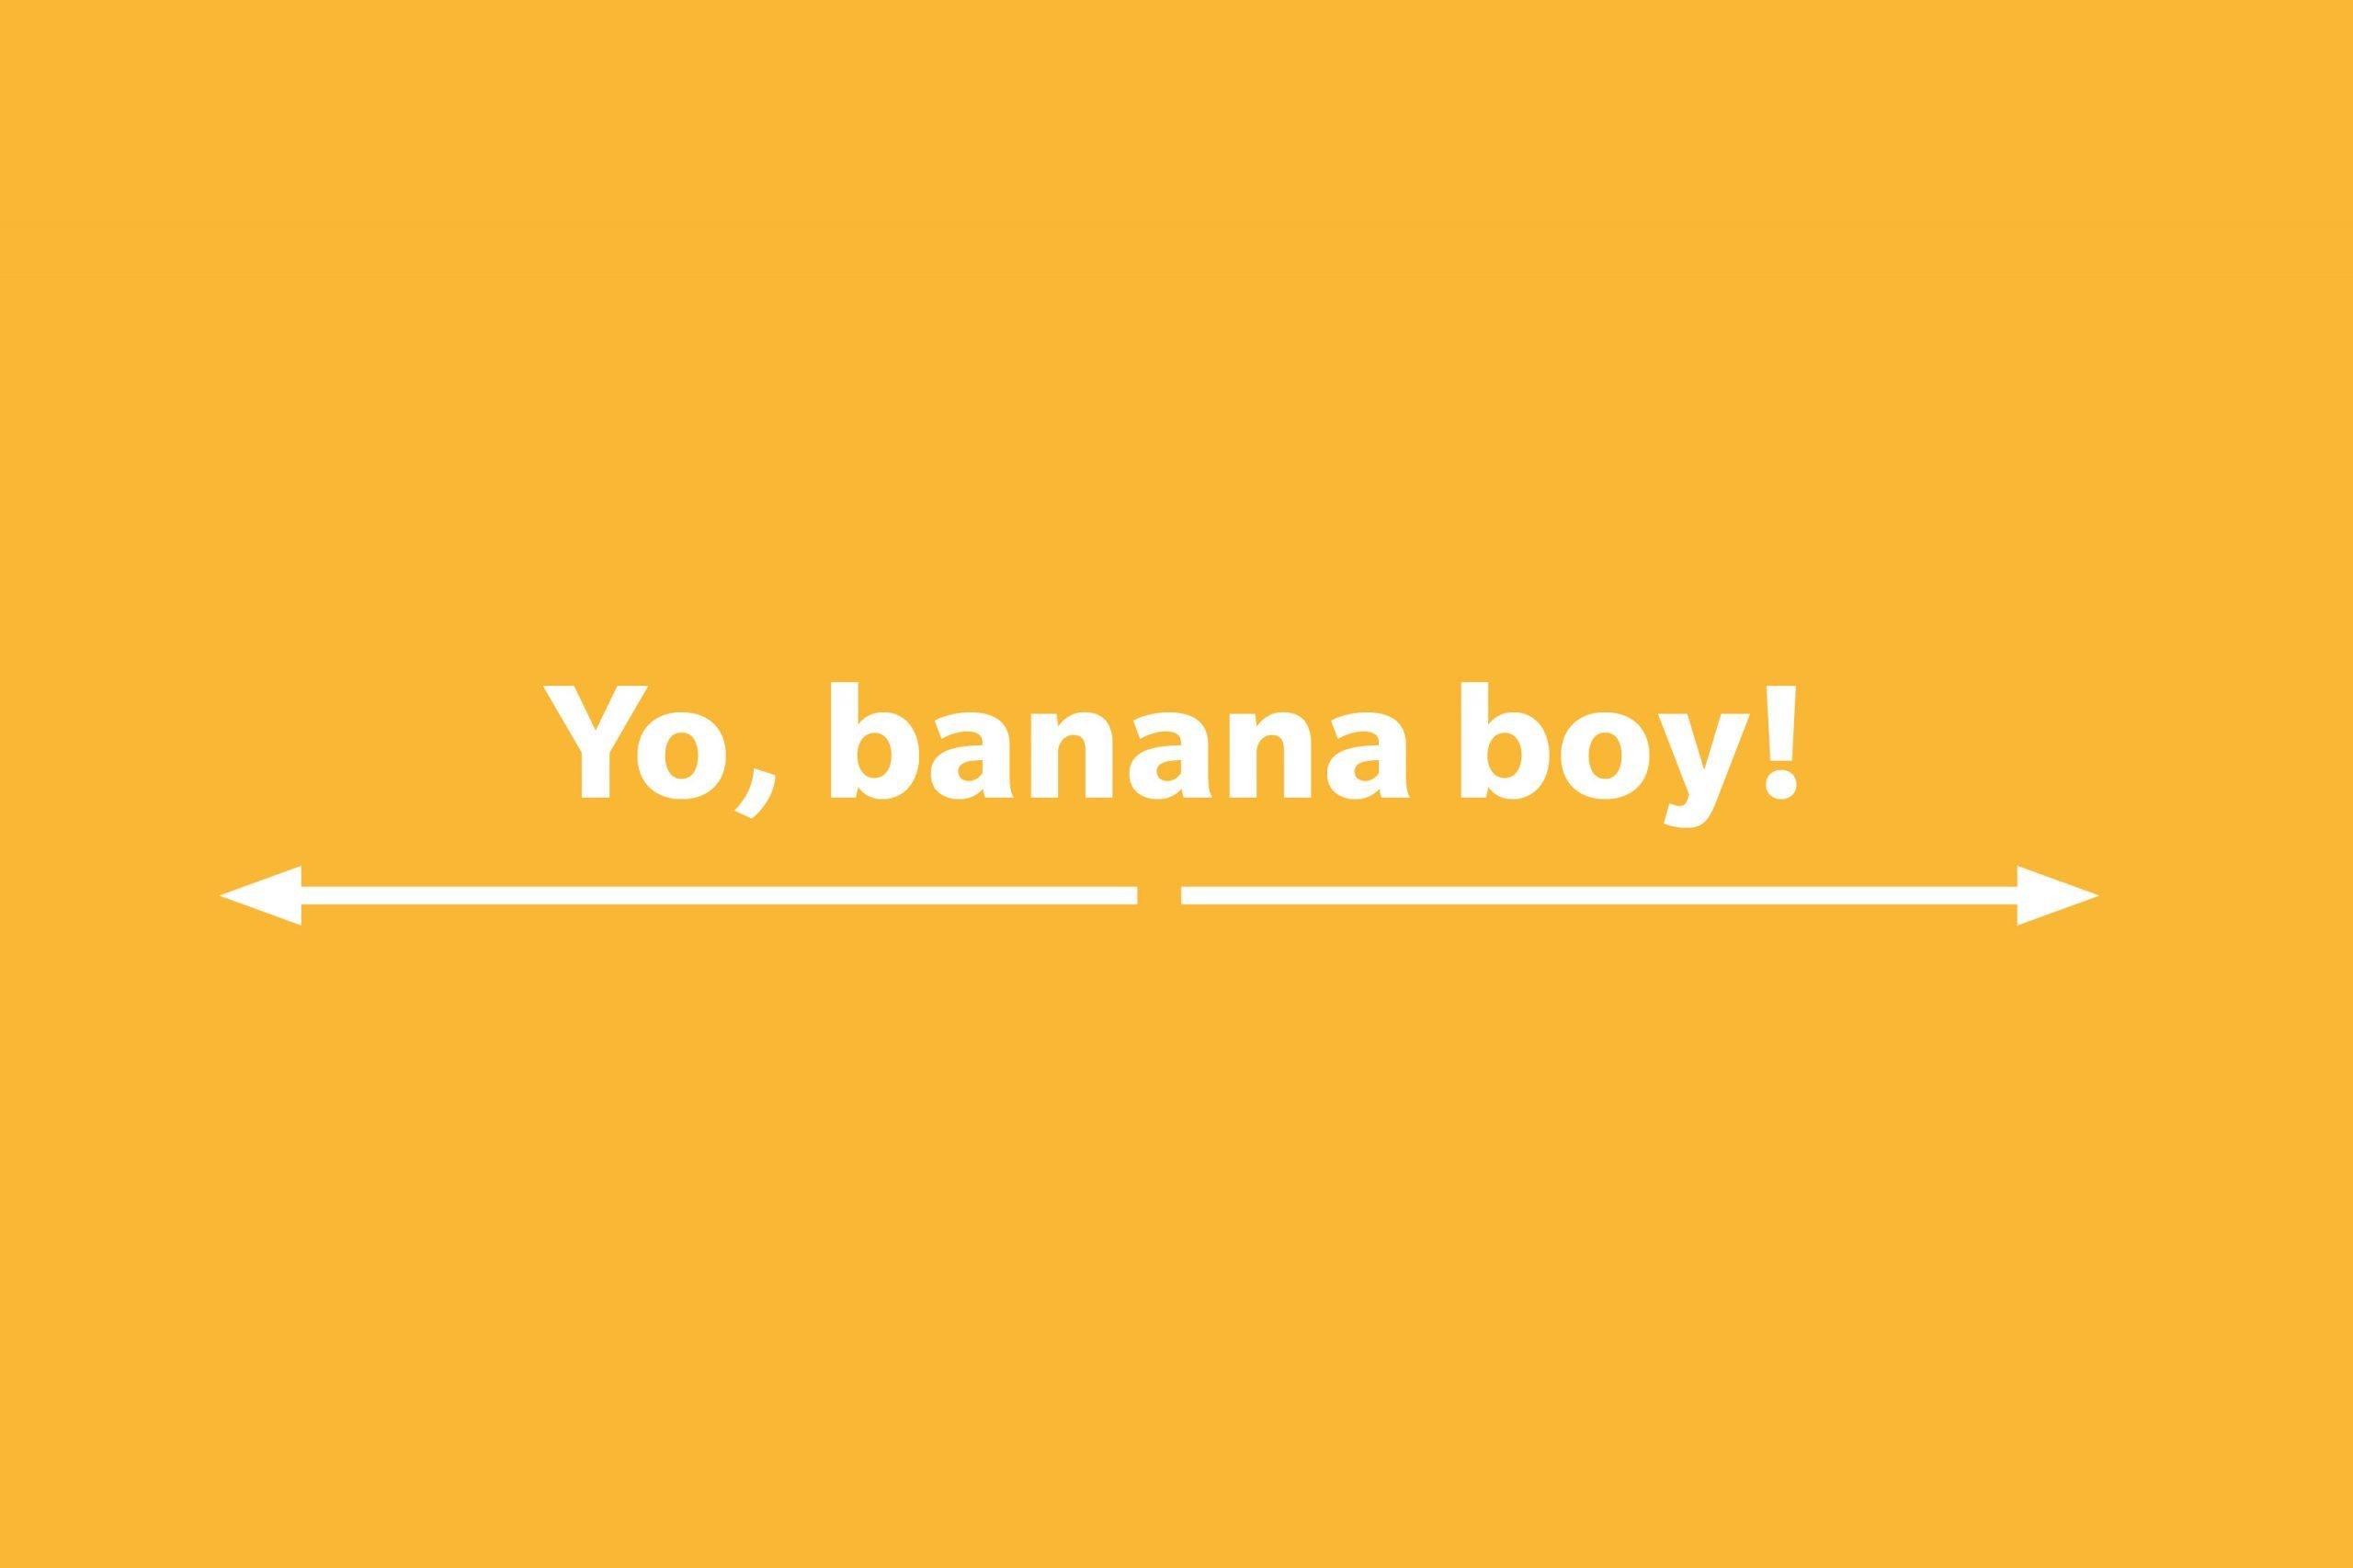 Yo, banana boy!